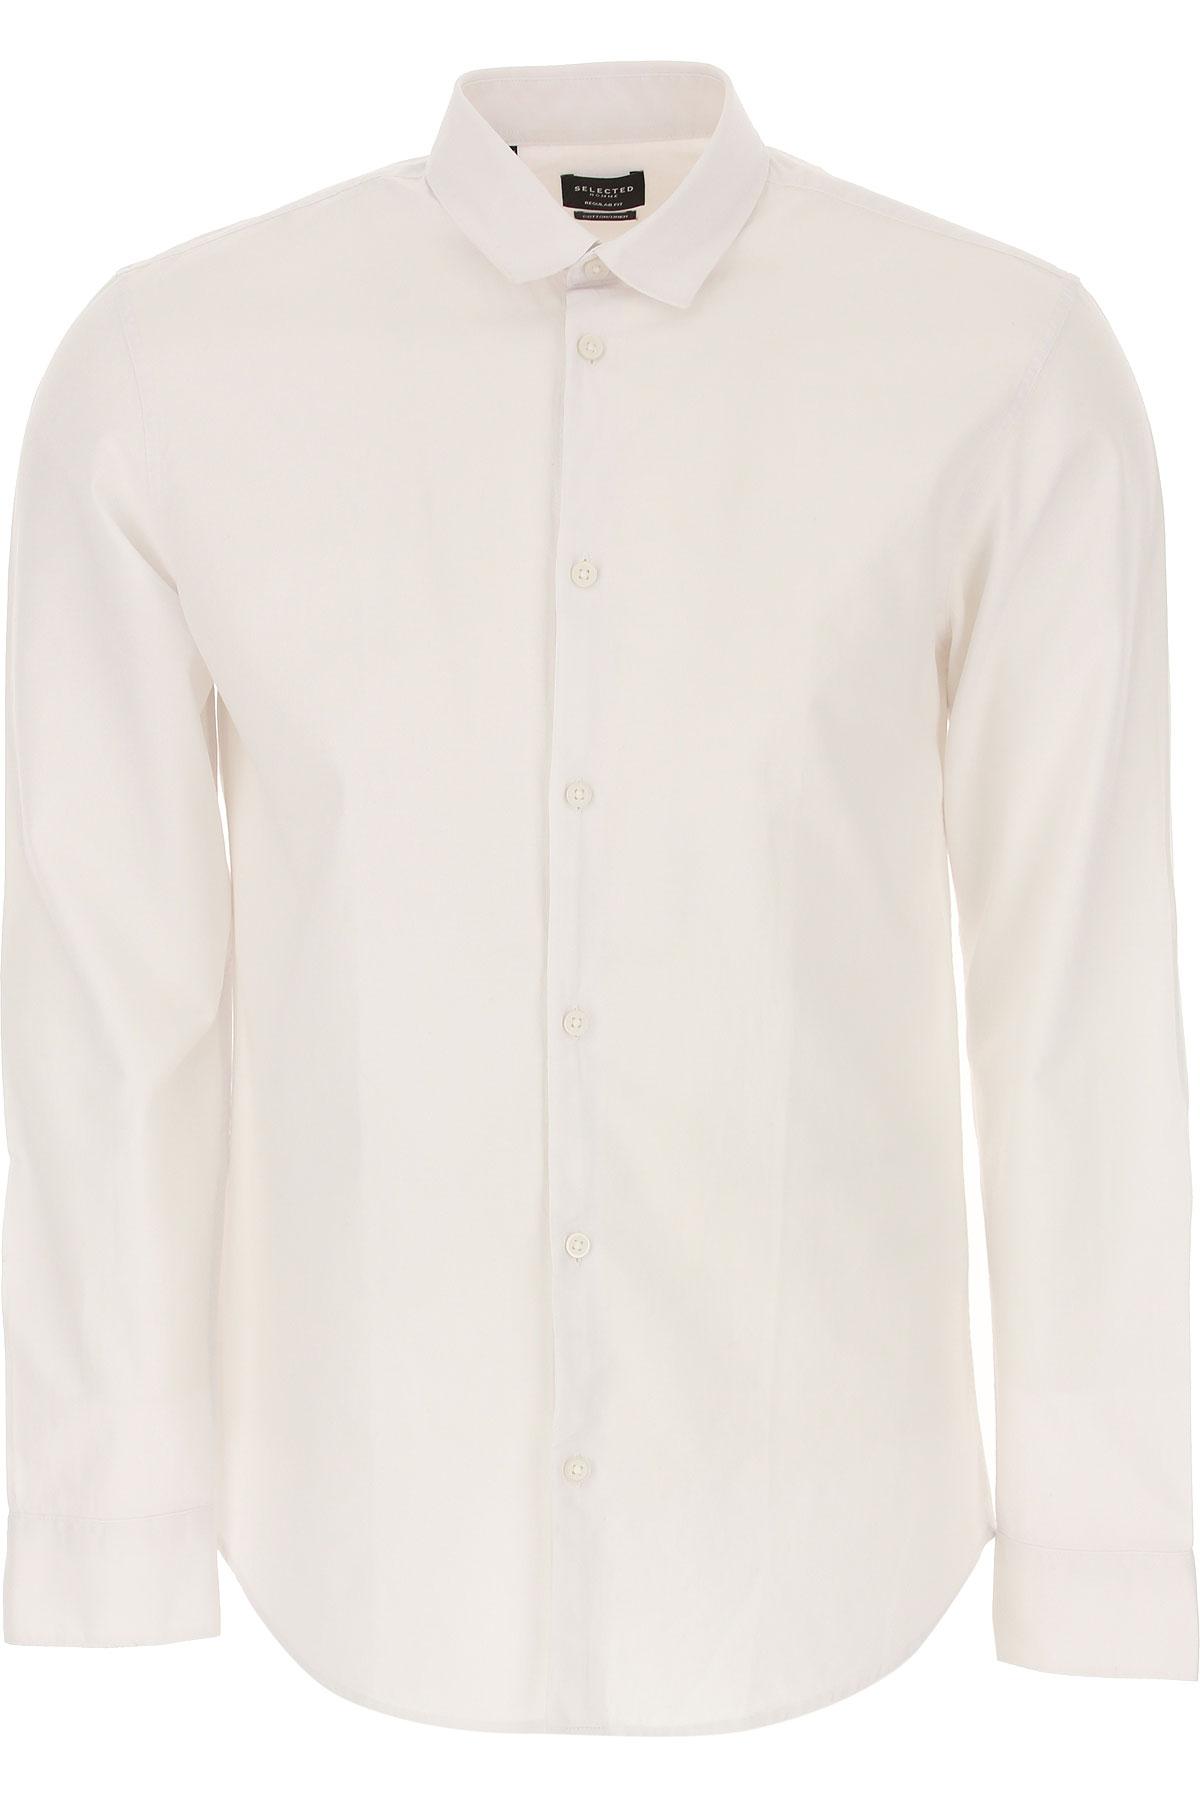 Selected Shirt for Men On Sale, White, Cotton, 2019, M • IT 48 L • IT 50 XL • IT 52